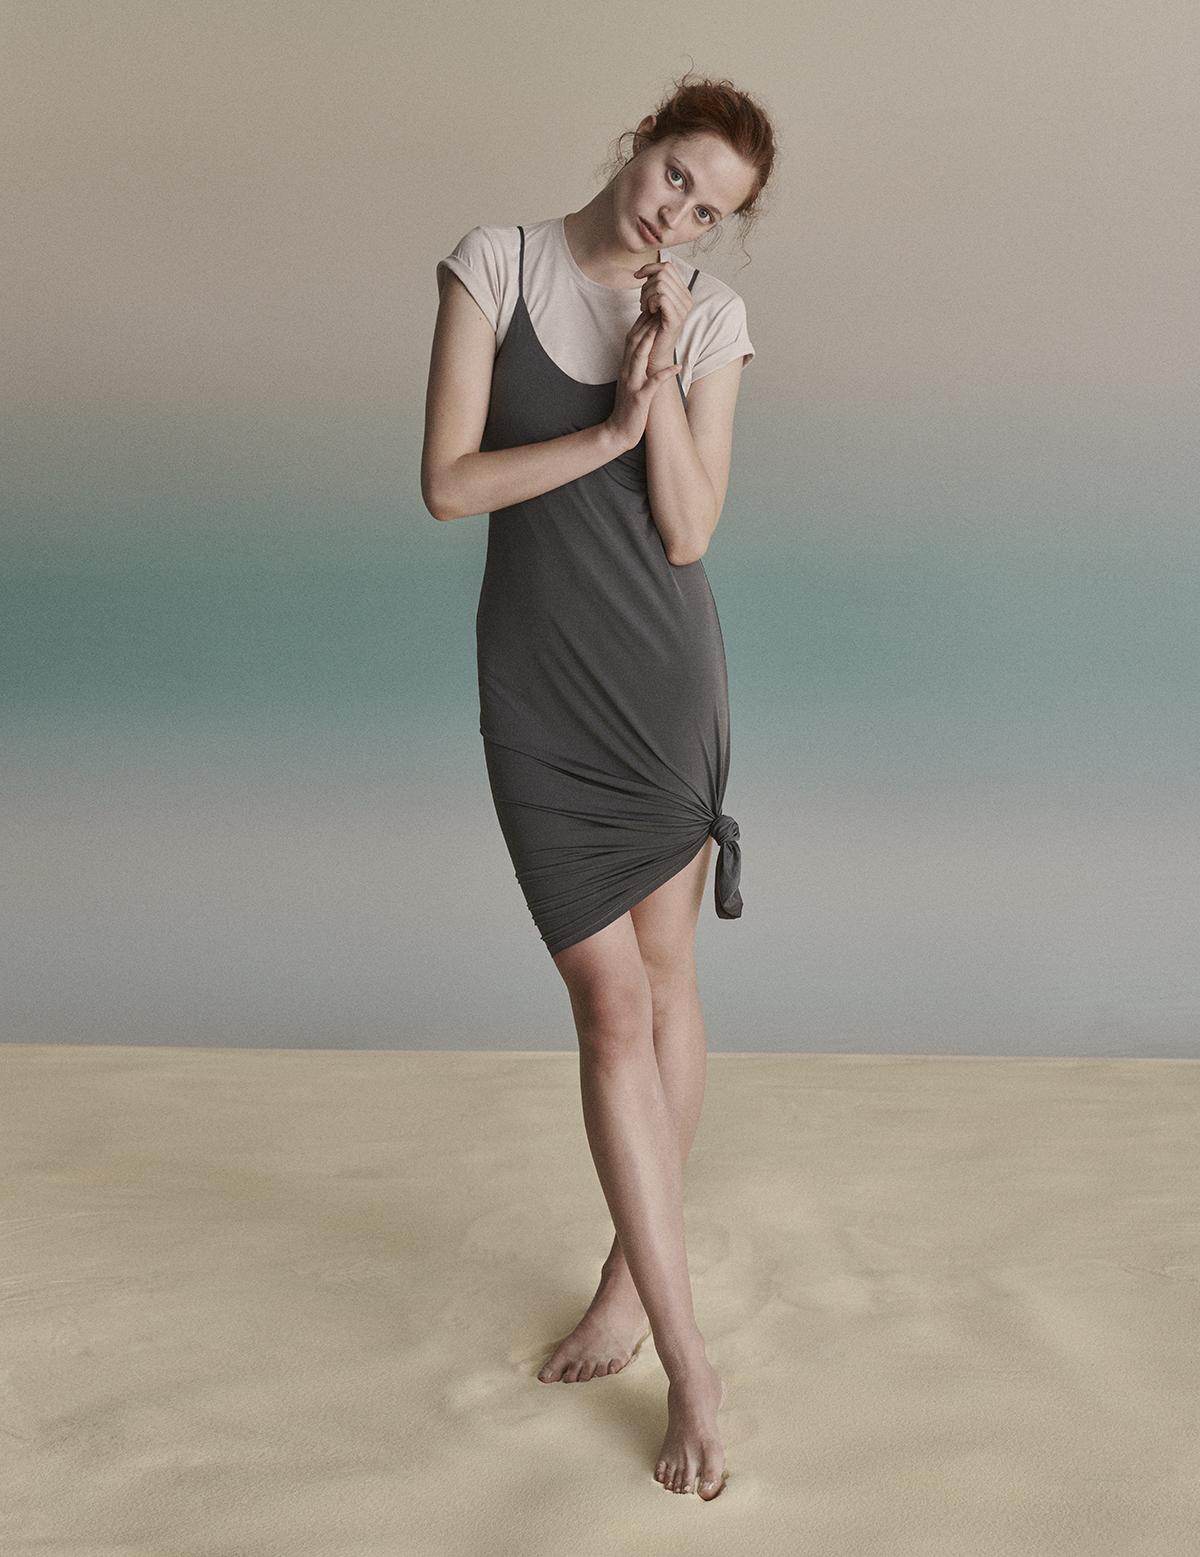 Mloda ruda dziewczyna stoi na teczowym tle ubrana w siwa sukienke i bezowy tshirt